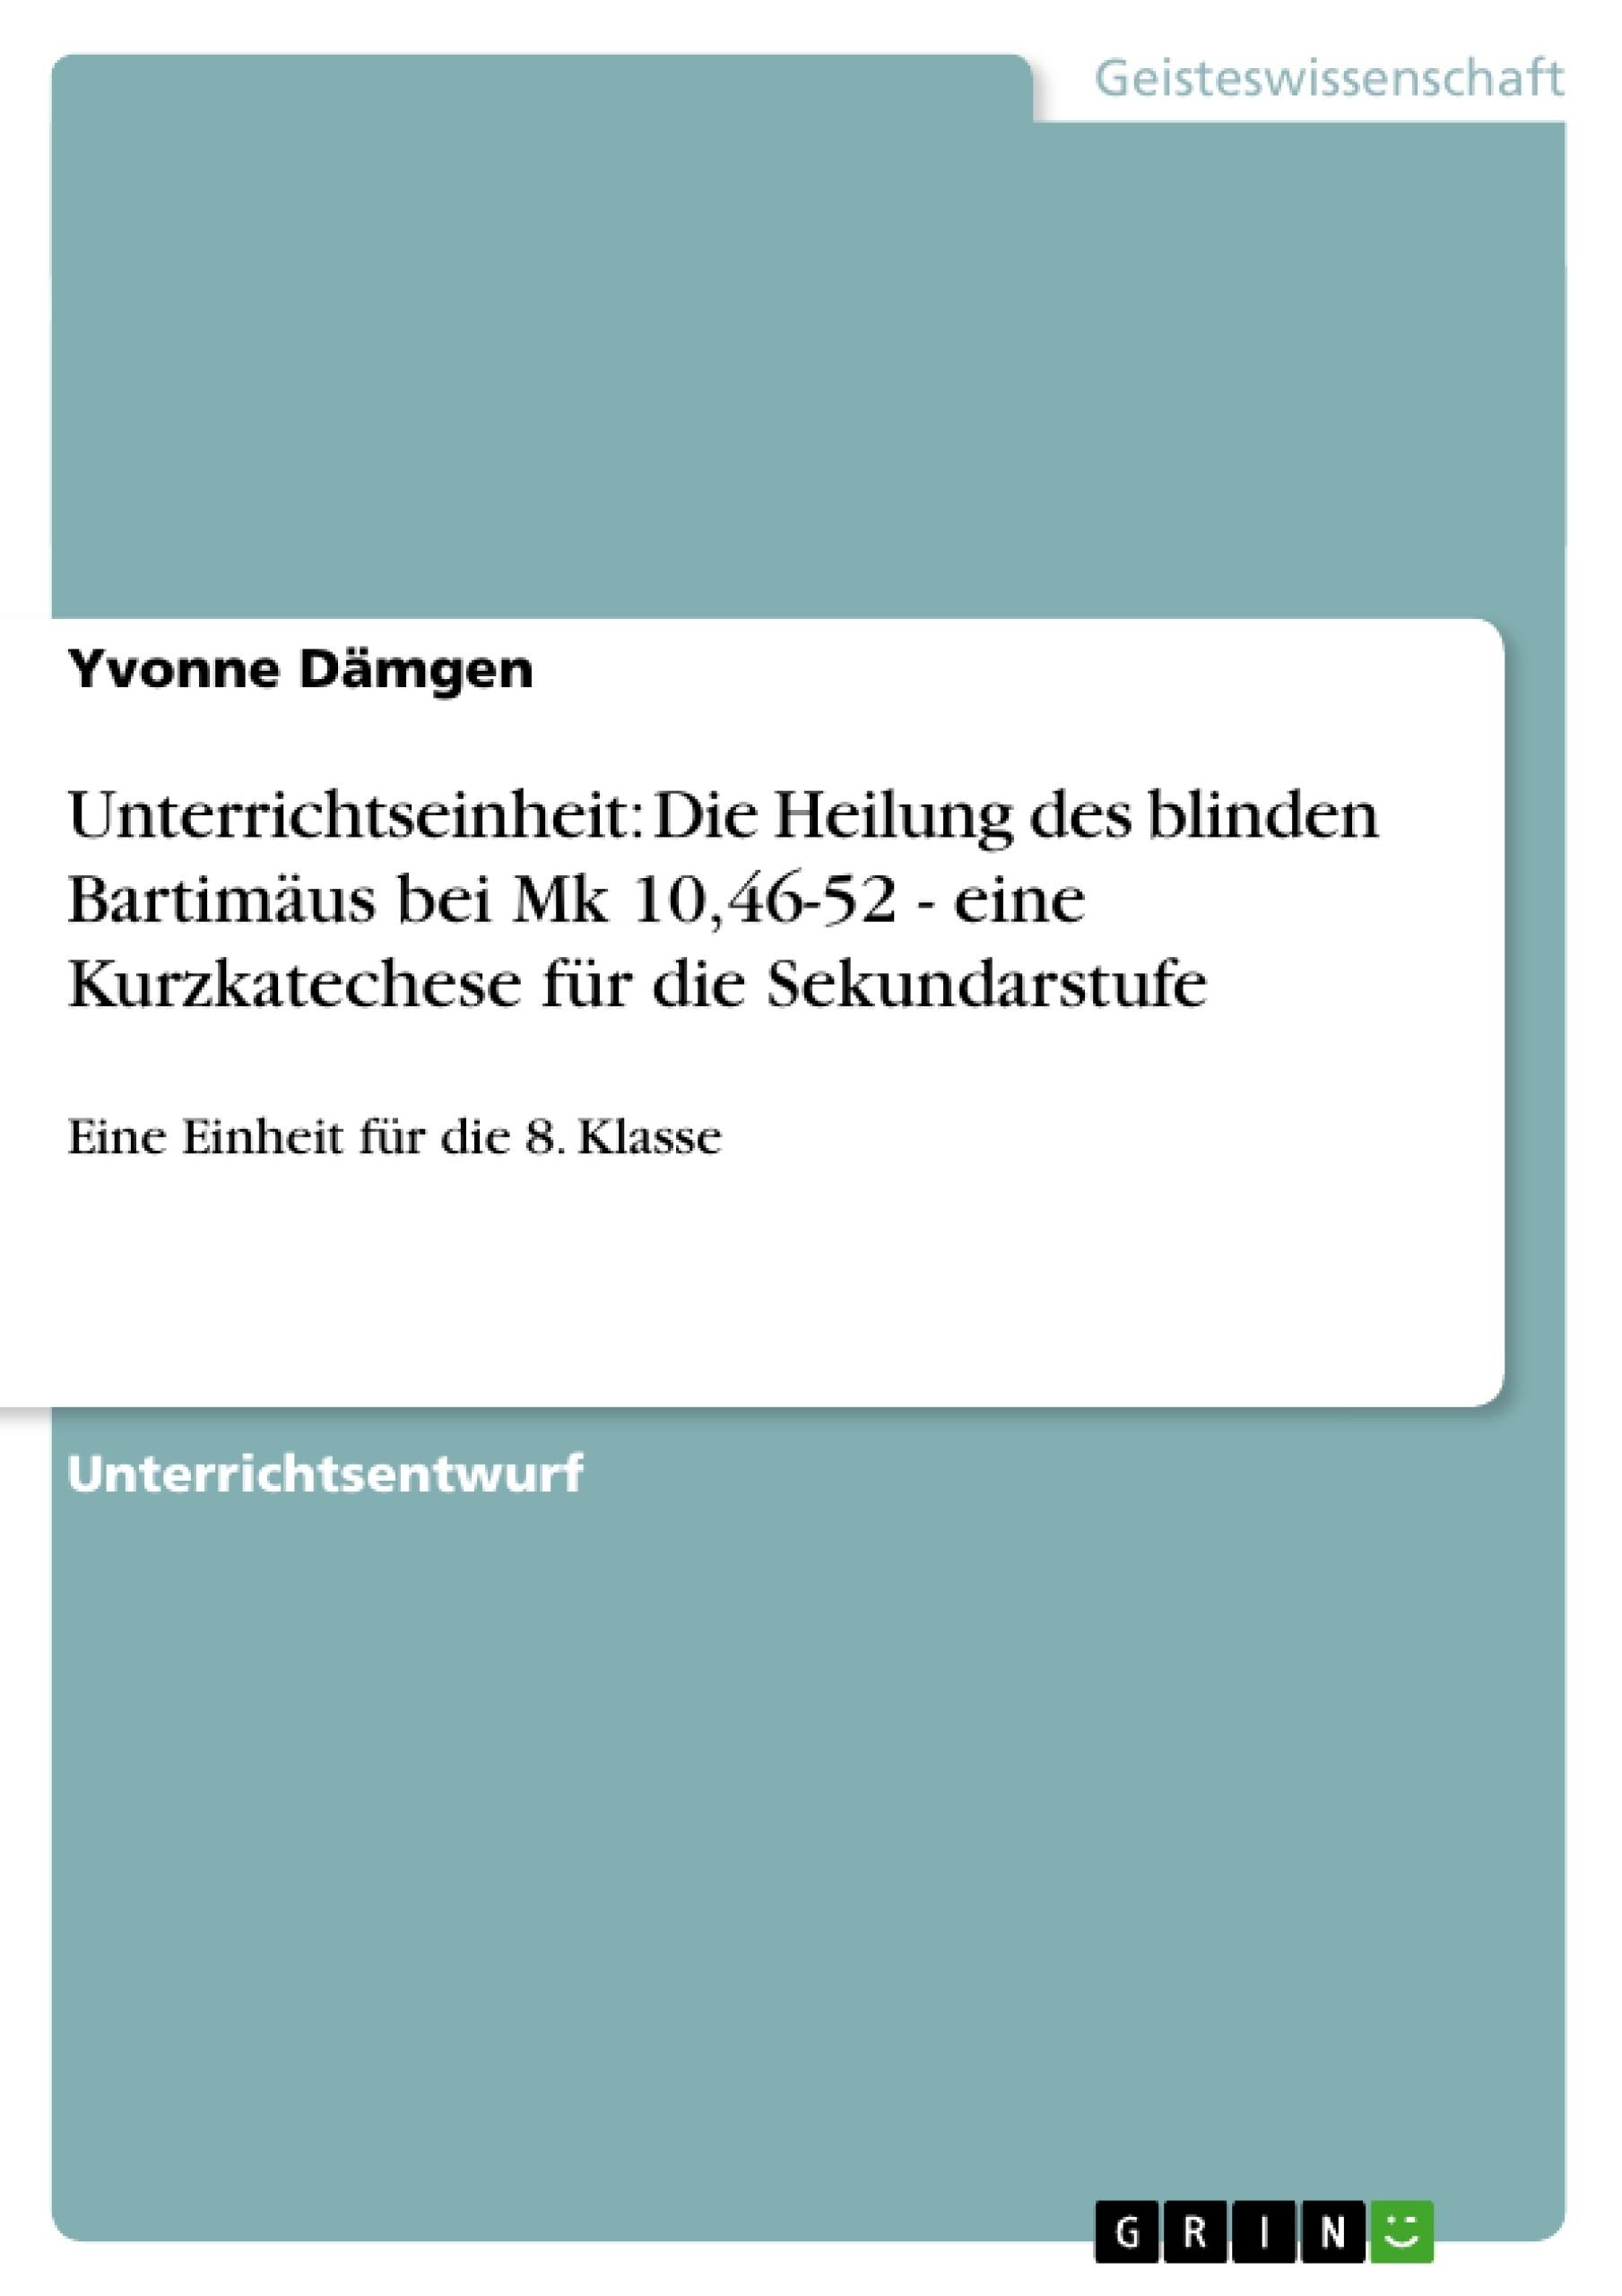 Titel: Unterrichtseinheit: Die Heilung des blinden Bartimäus bei Mk 10,46-52 - eine Kurzkatechese für die Sekundarstufe